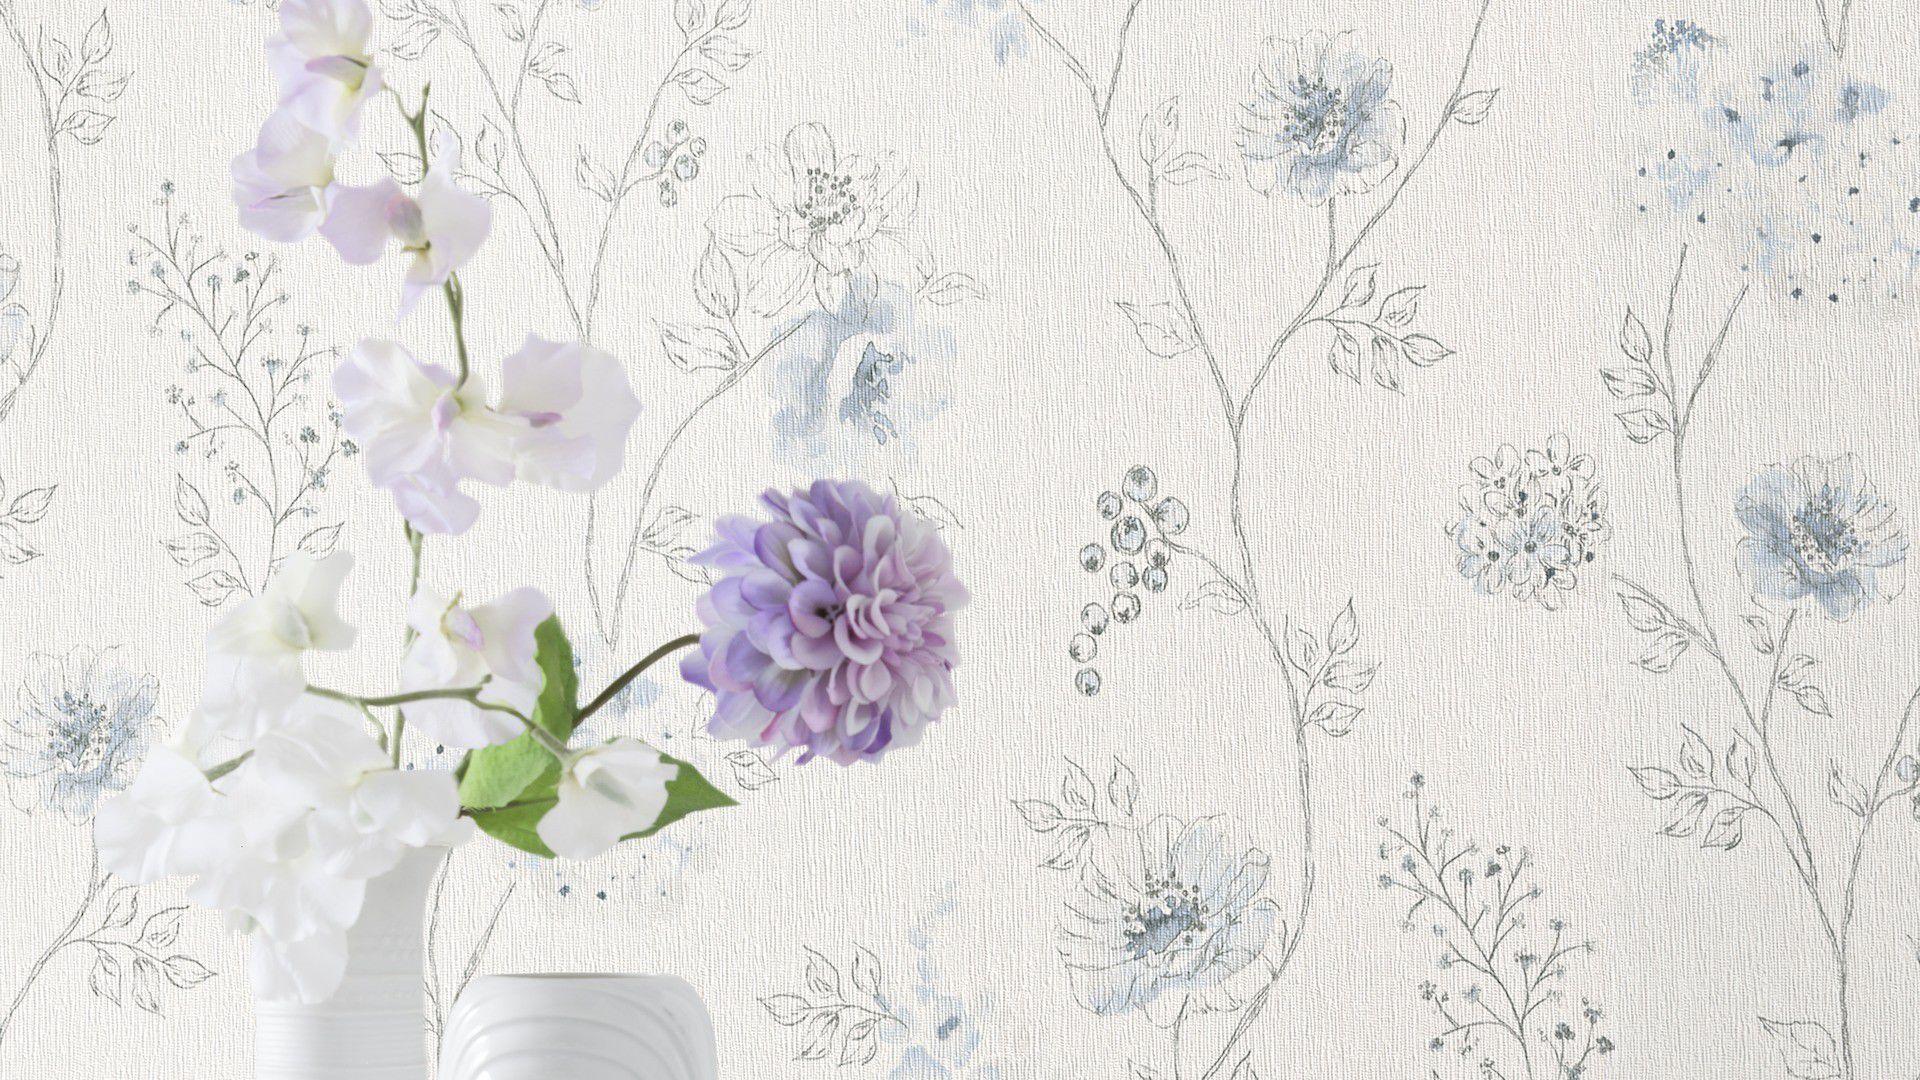 コンテンポラリー壁紙 布製 花柄 自然のモチーフ Amelie Rasch